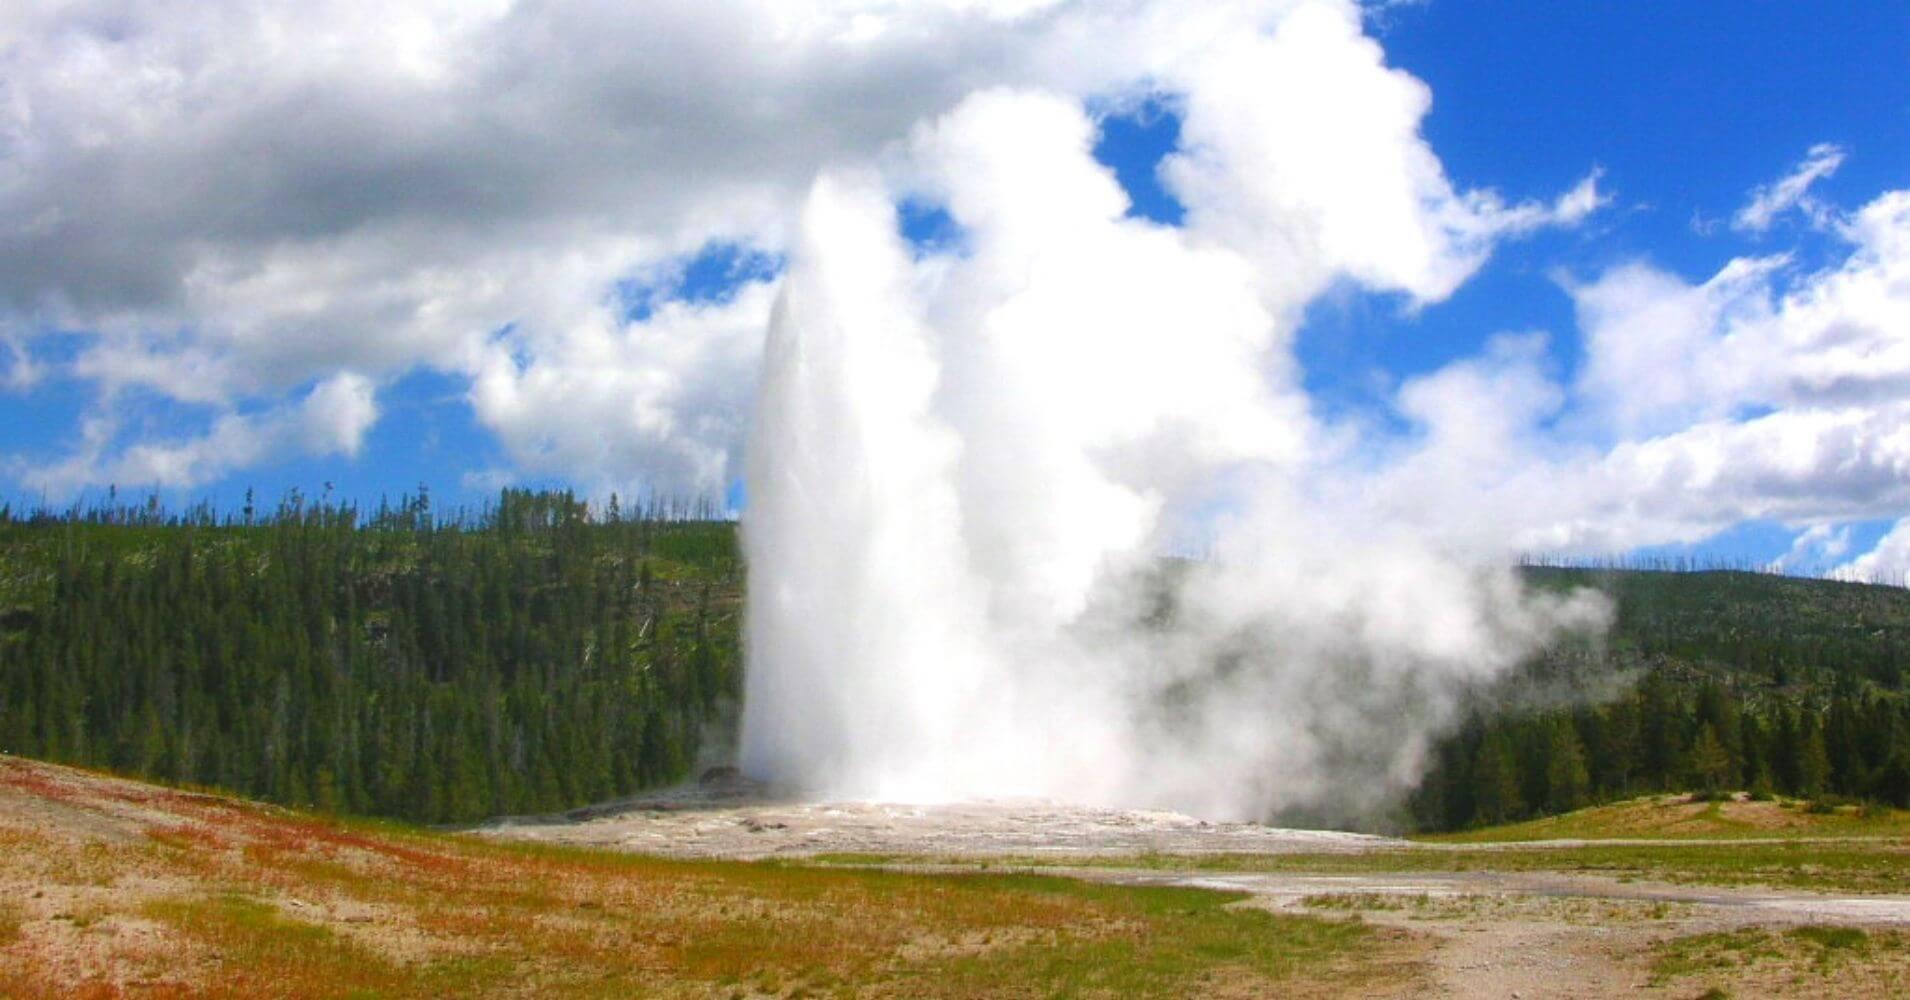 Parque Nacional de Yellowstone. Upper Geyser Basin. Wyoming, Estados Unidos.